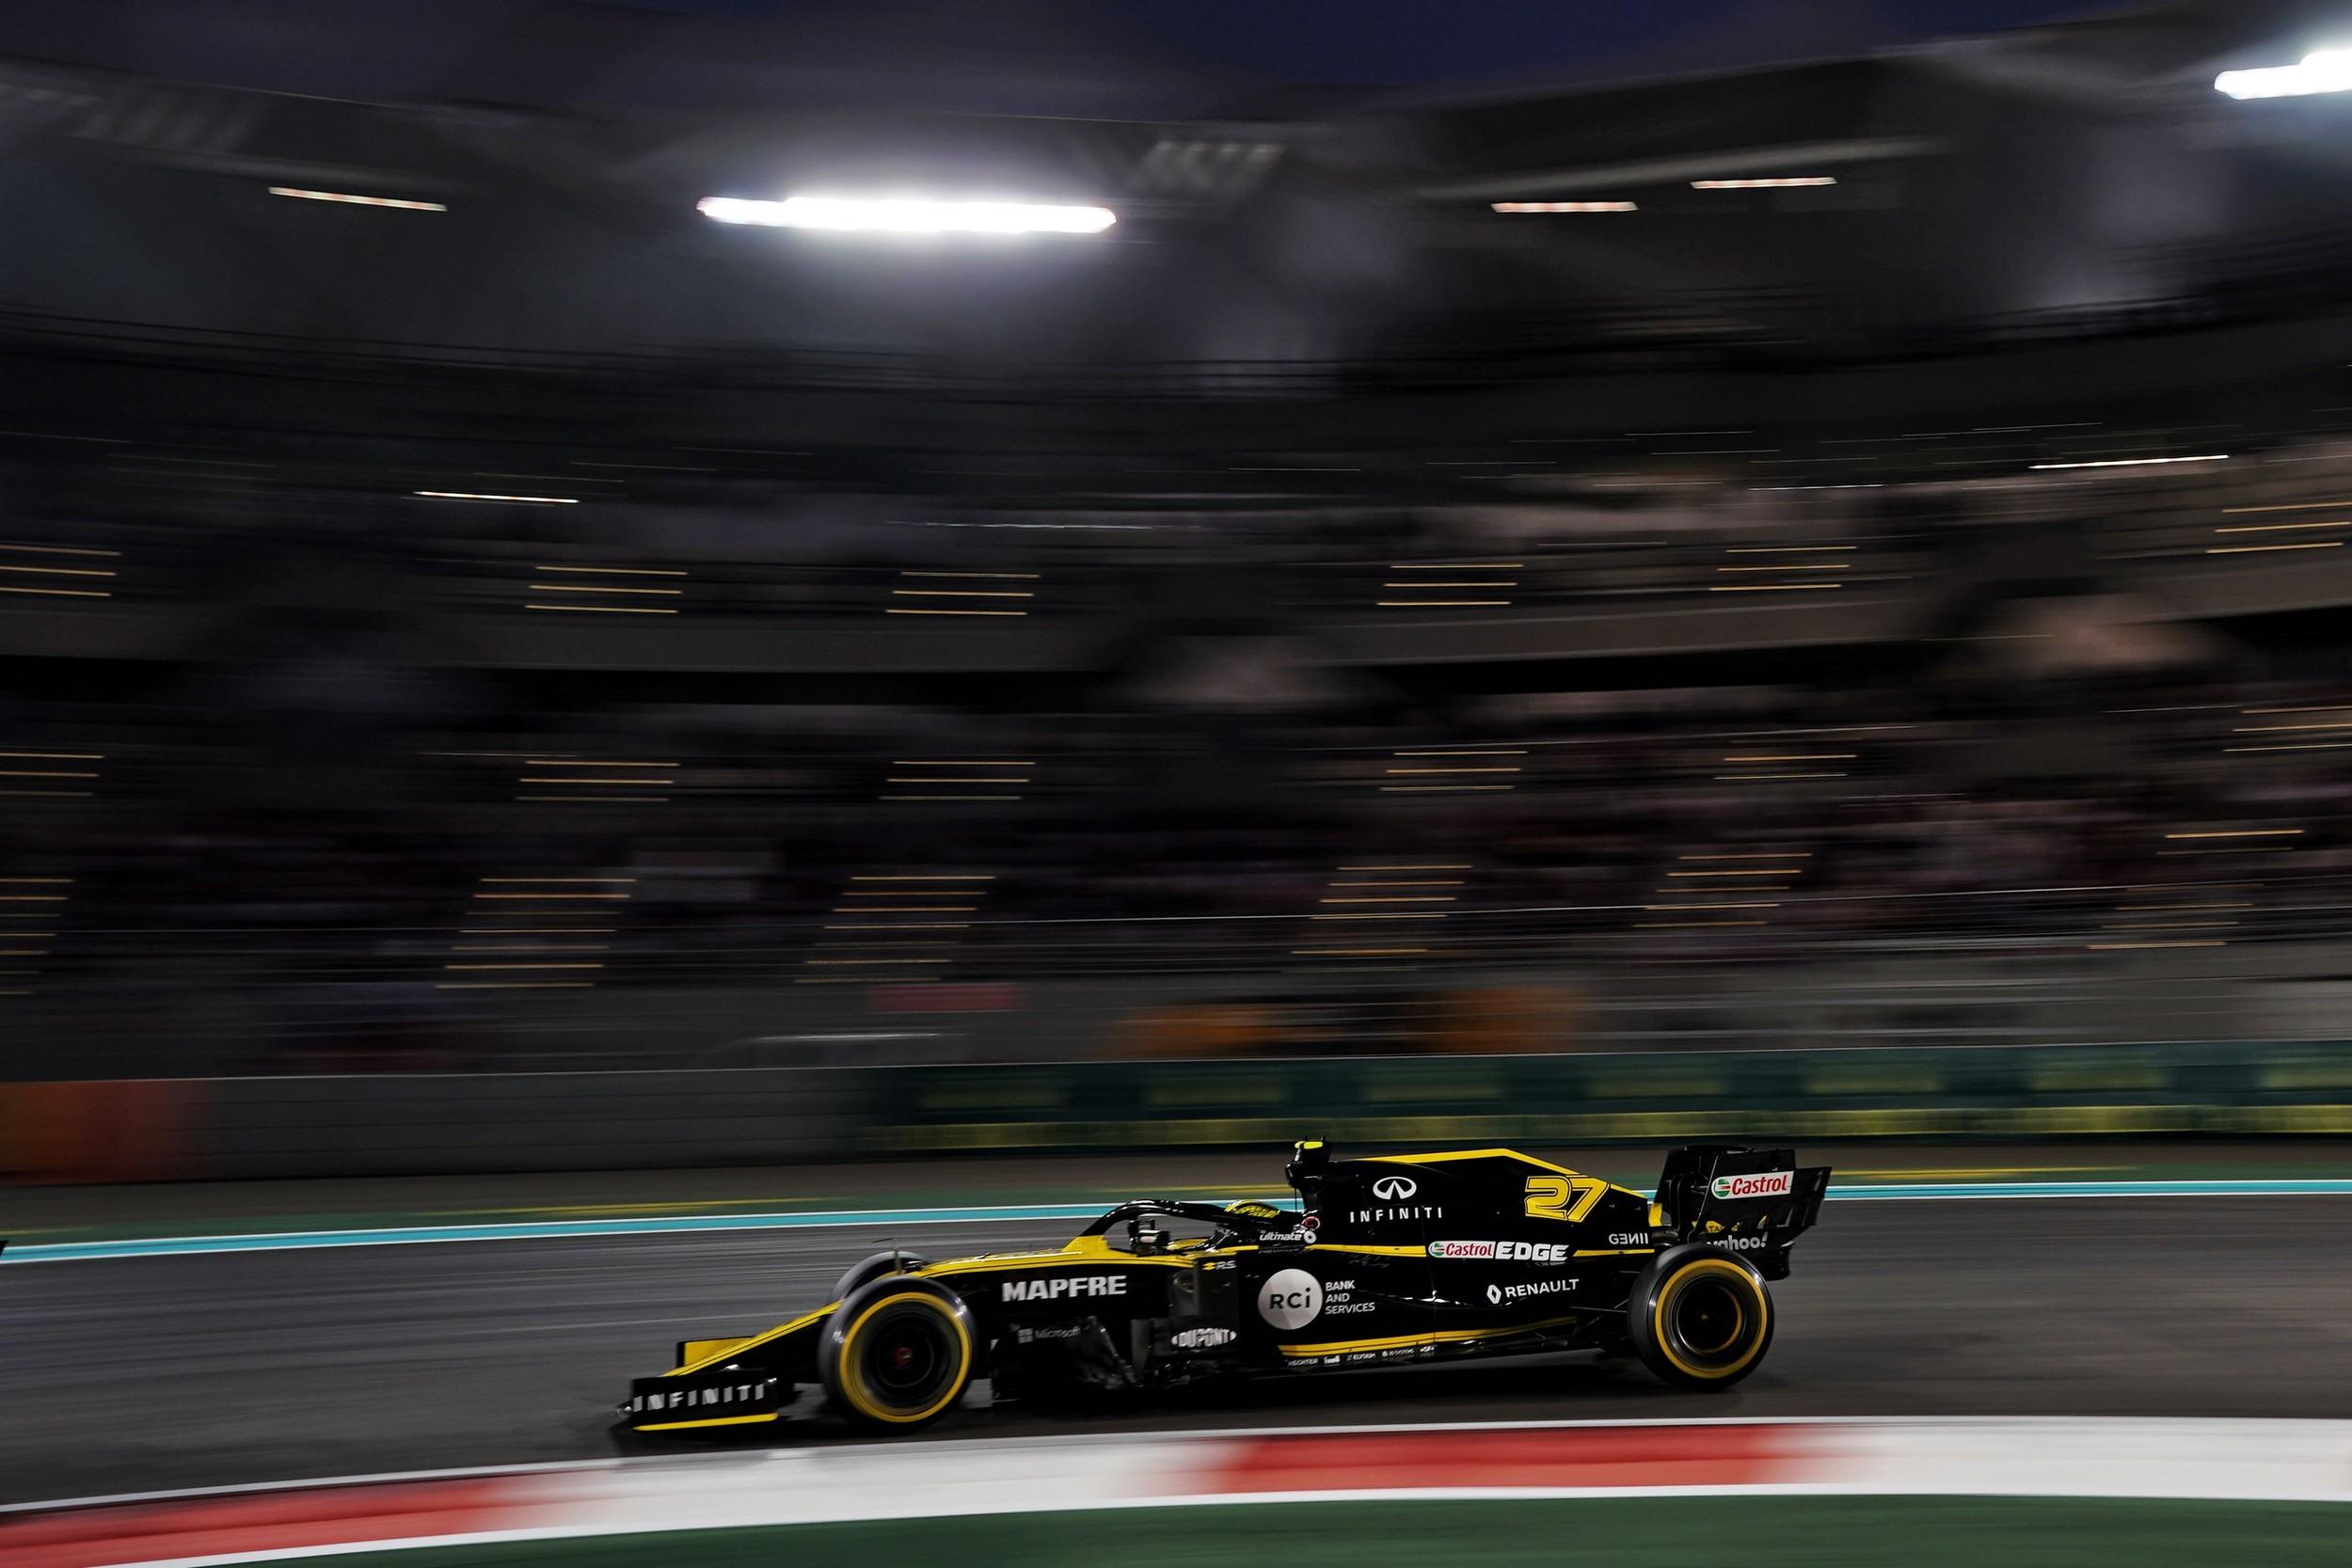 Η Renault έχει ενεργό εργοστασιακή εμπλοκή στη Formula 1